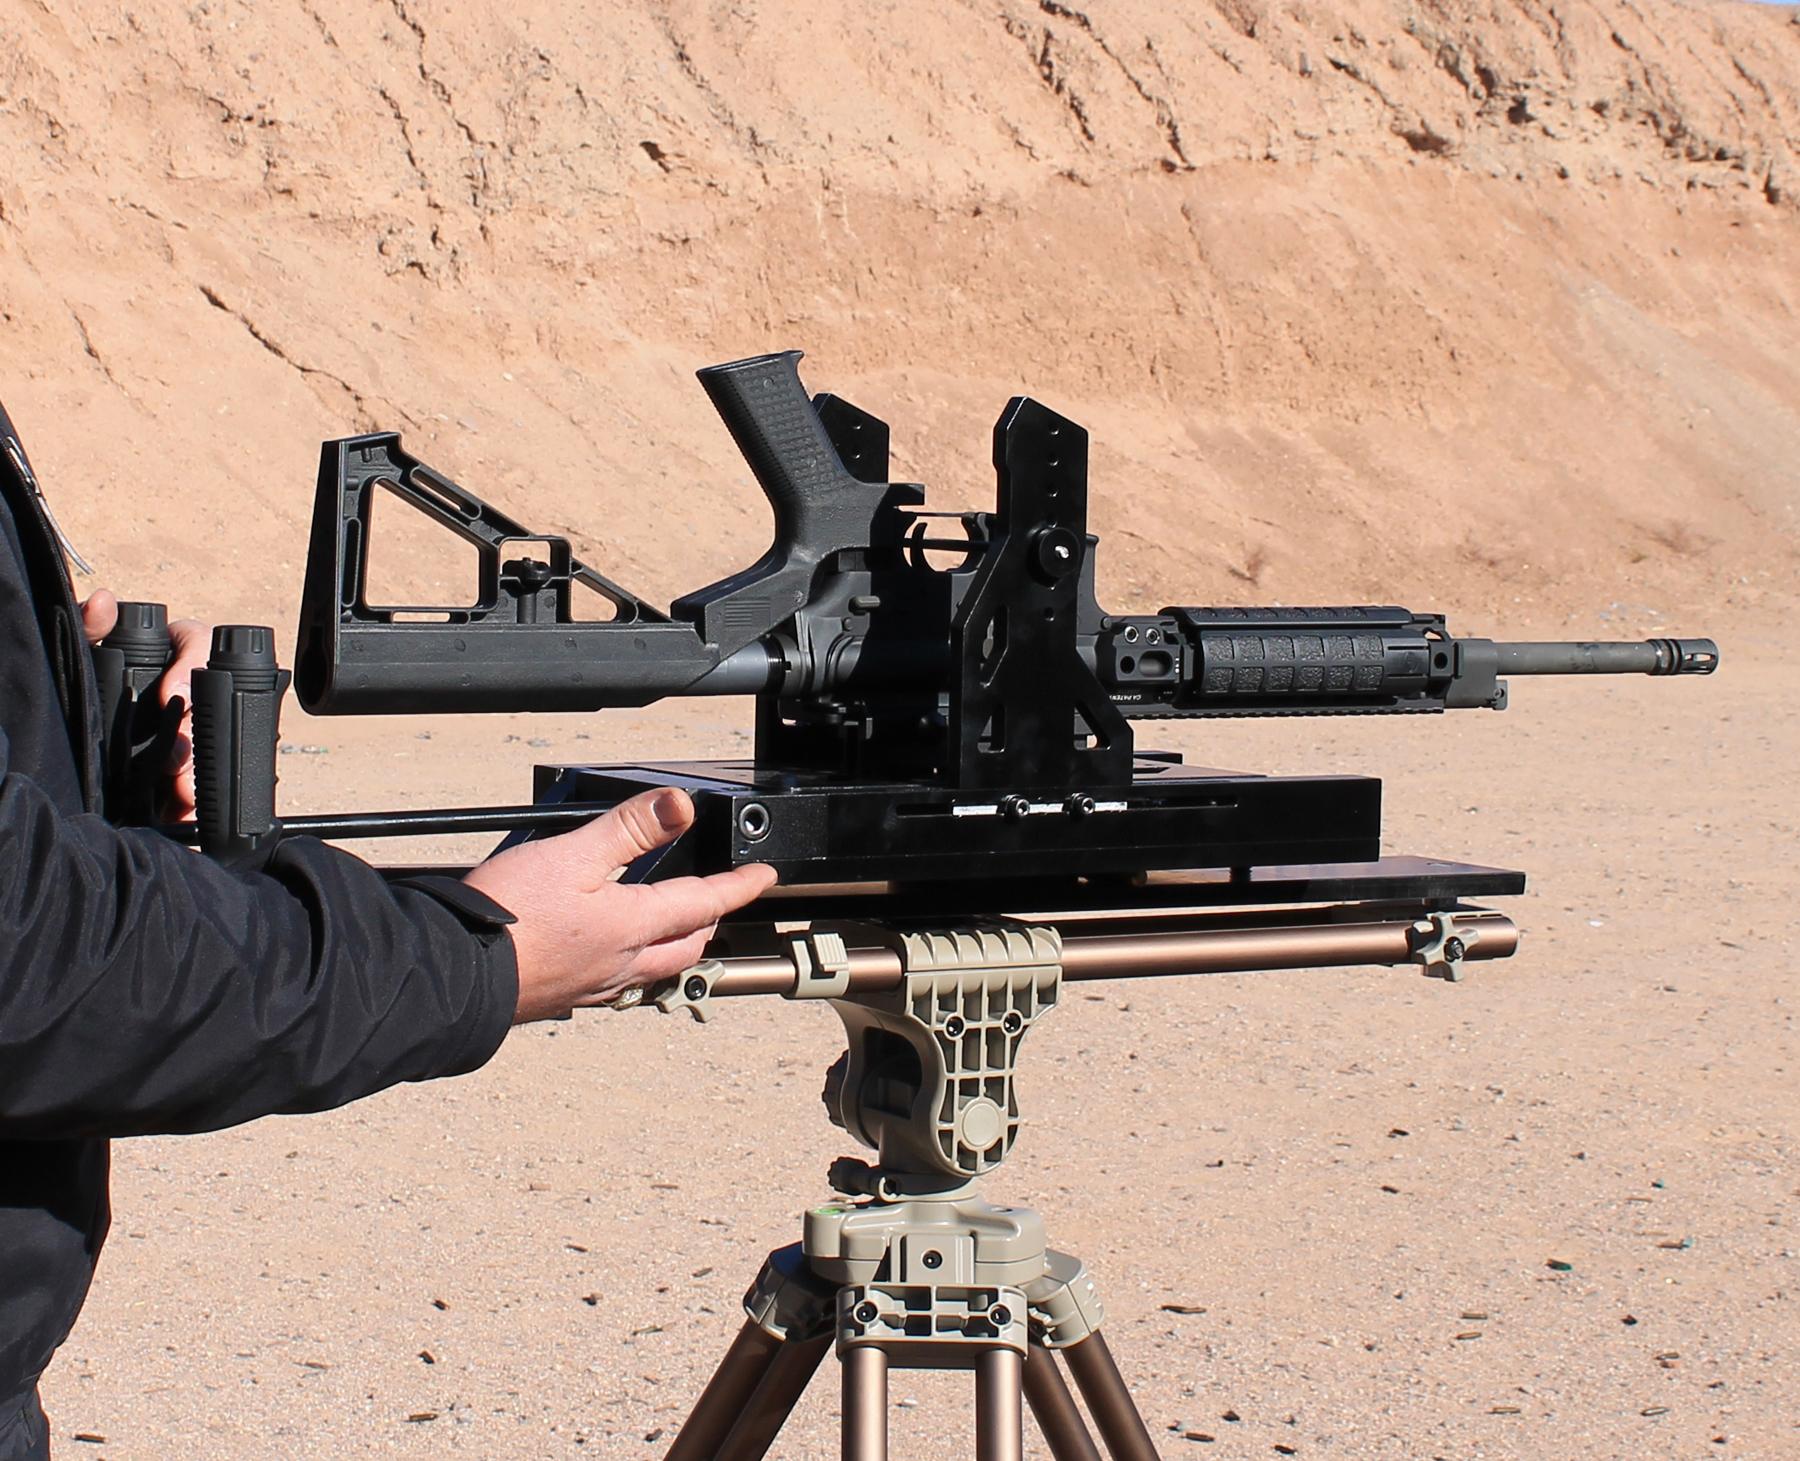 Slide Fire AR-15 close